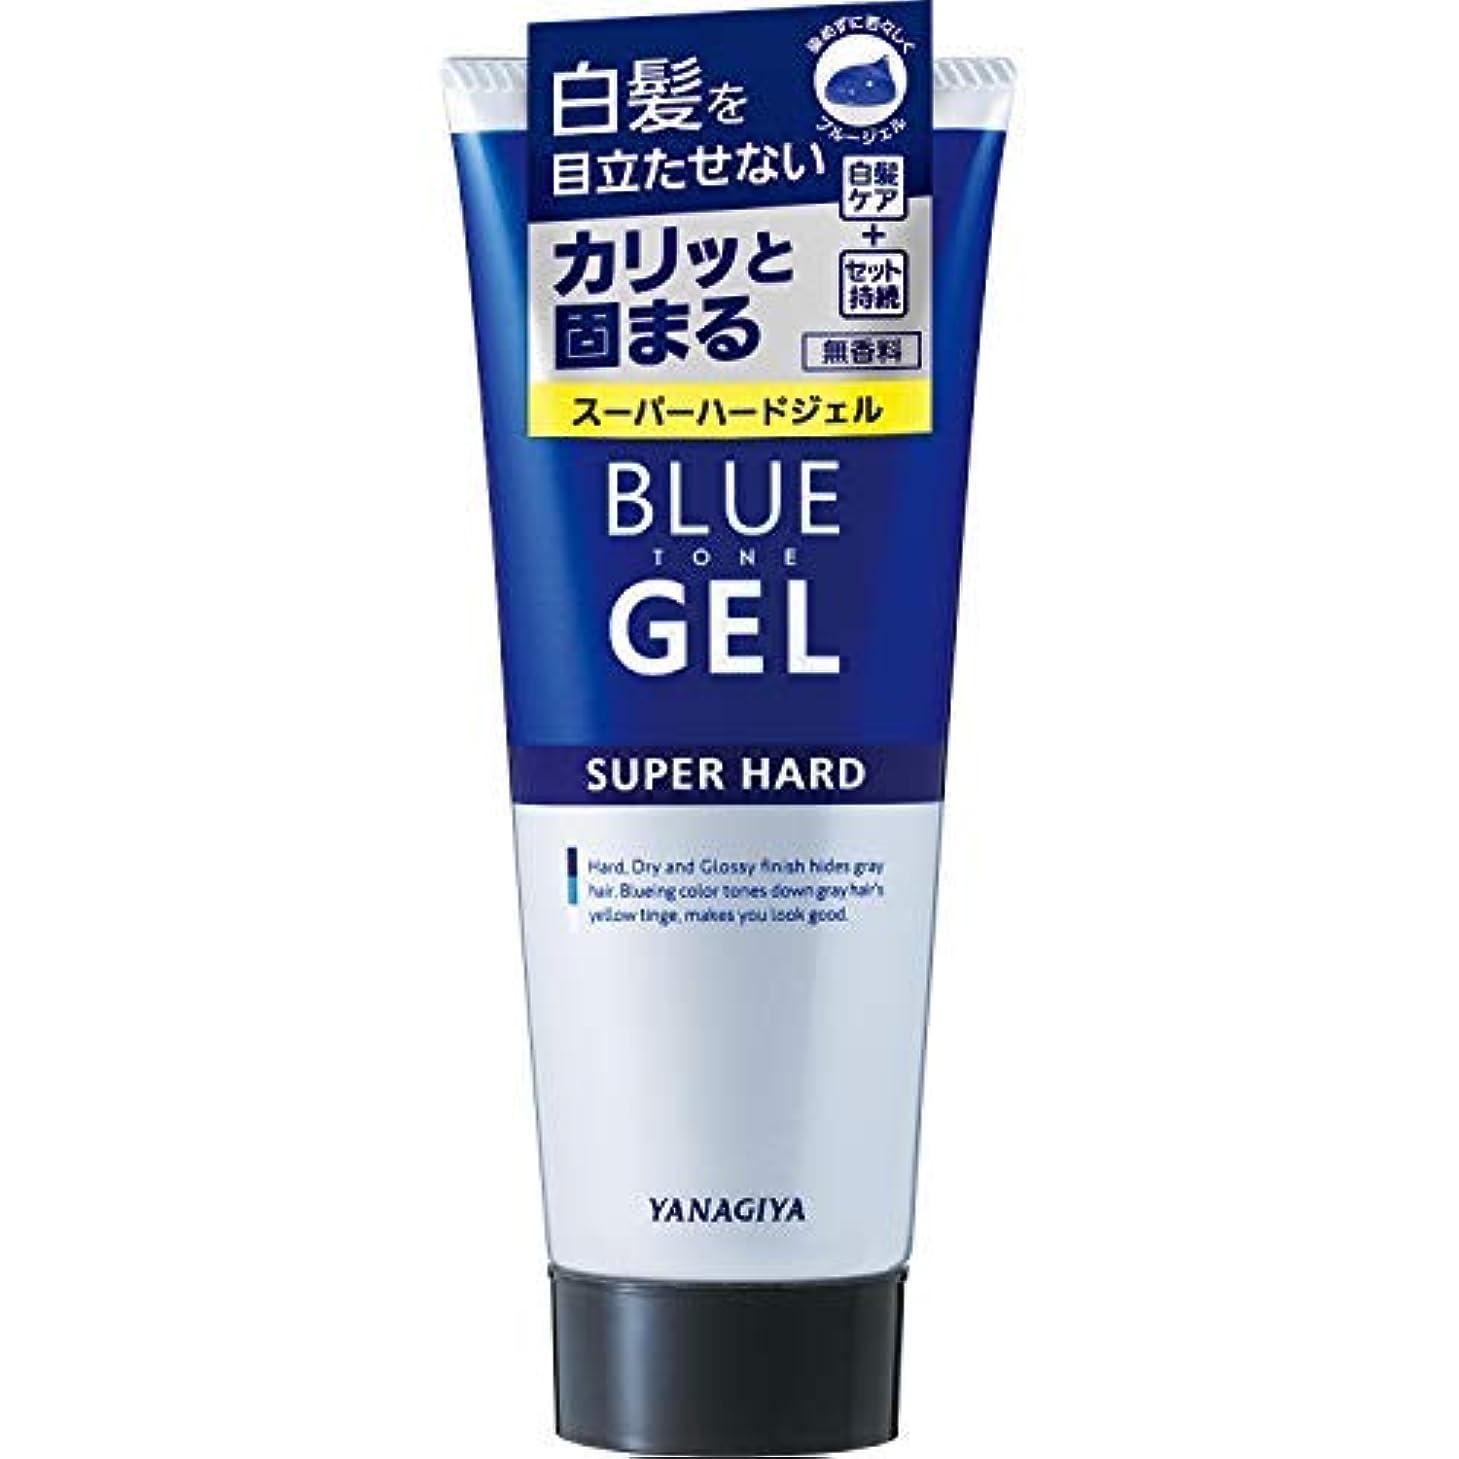 平方アトムアナログブルートーン 白髪用ジェル <スーパーハード> × 6個セット